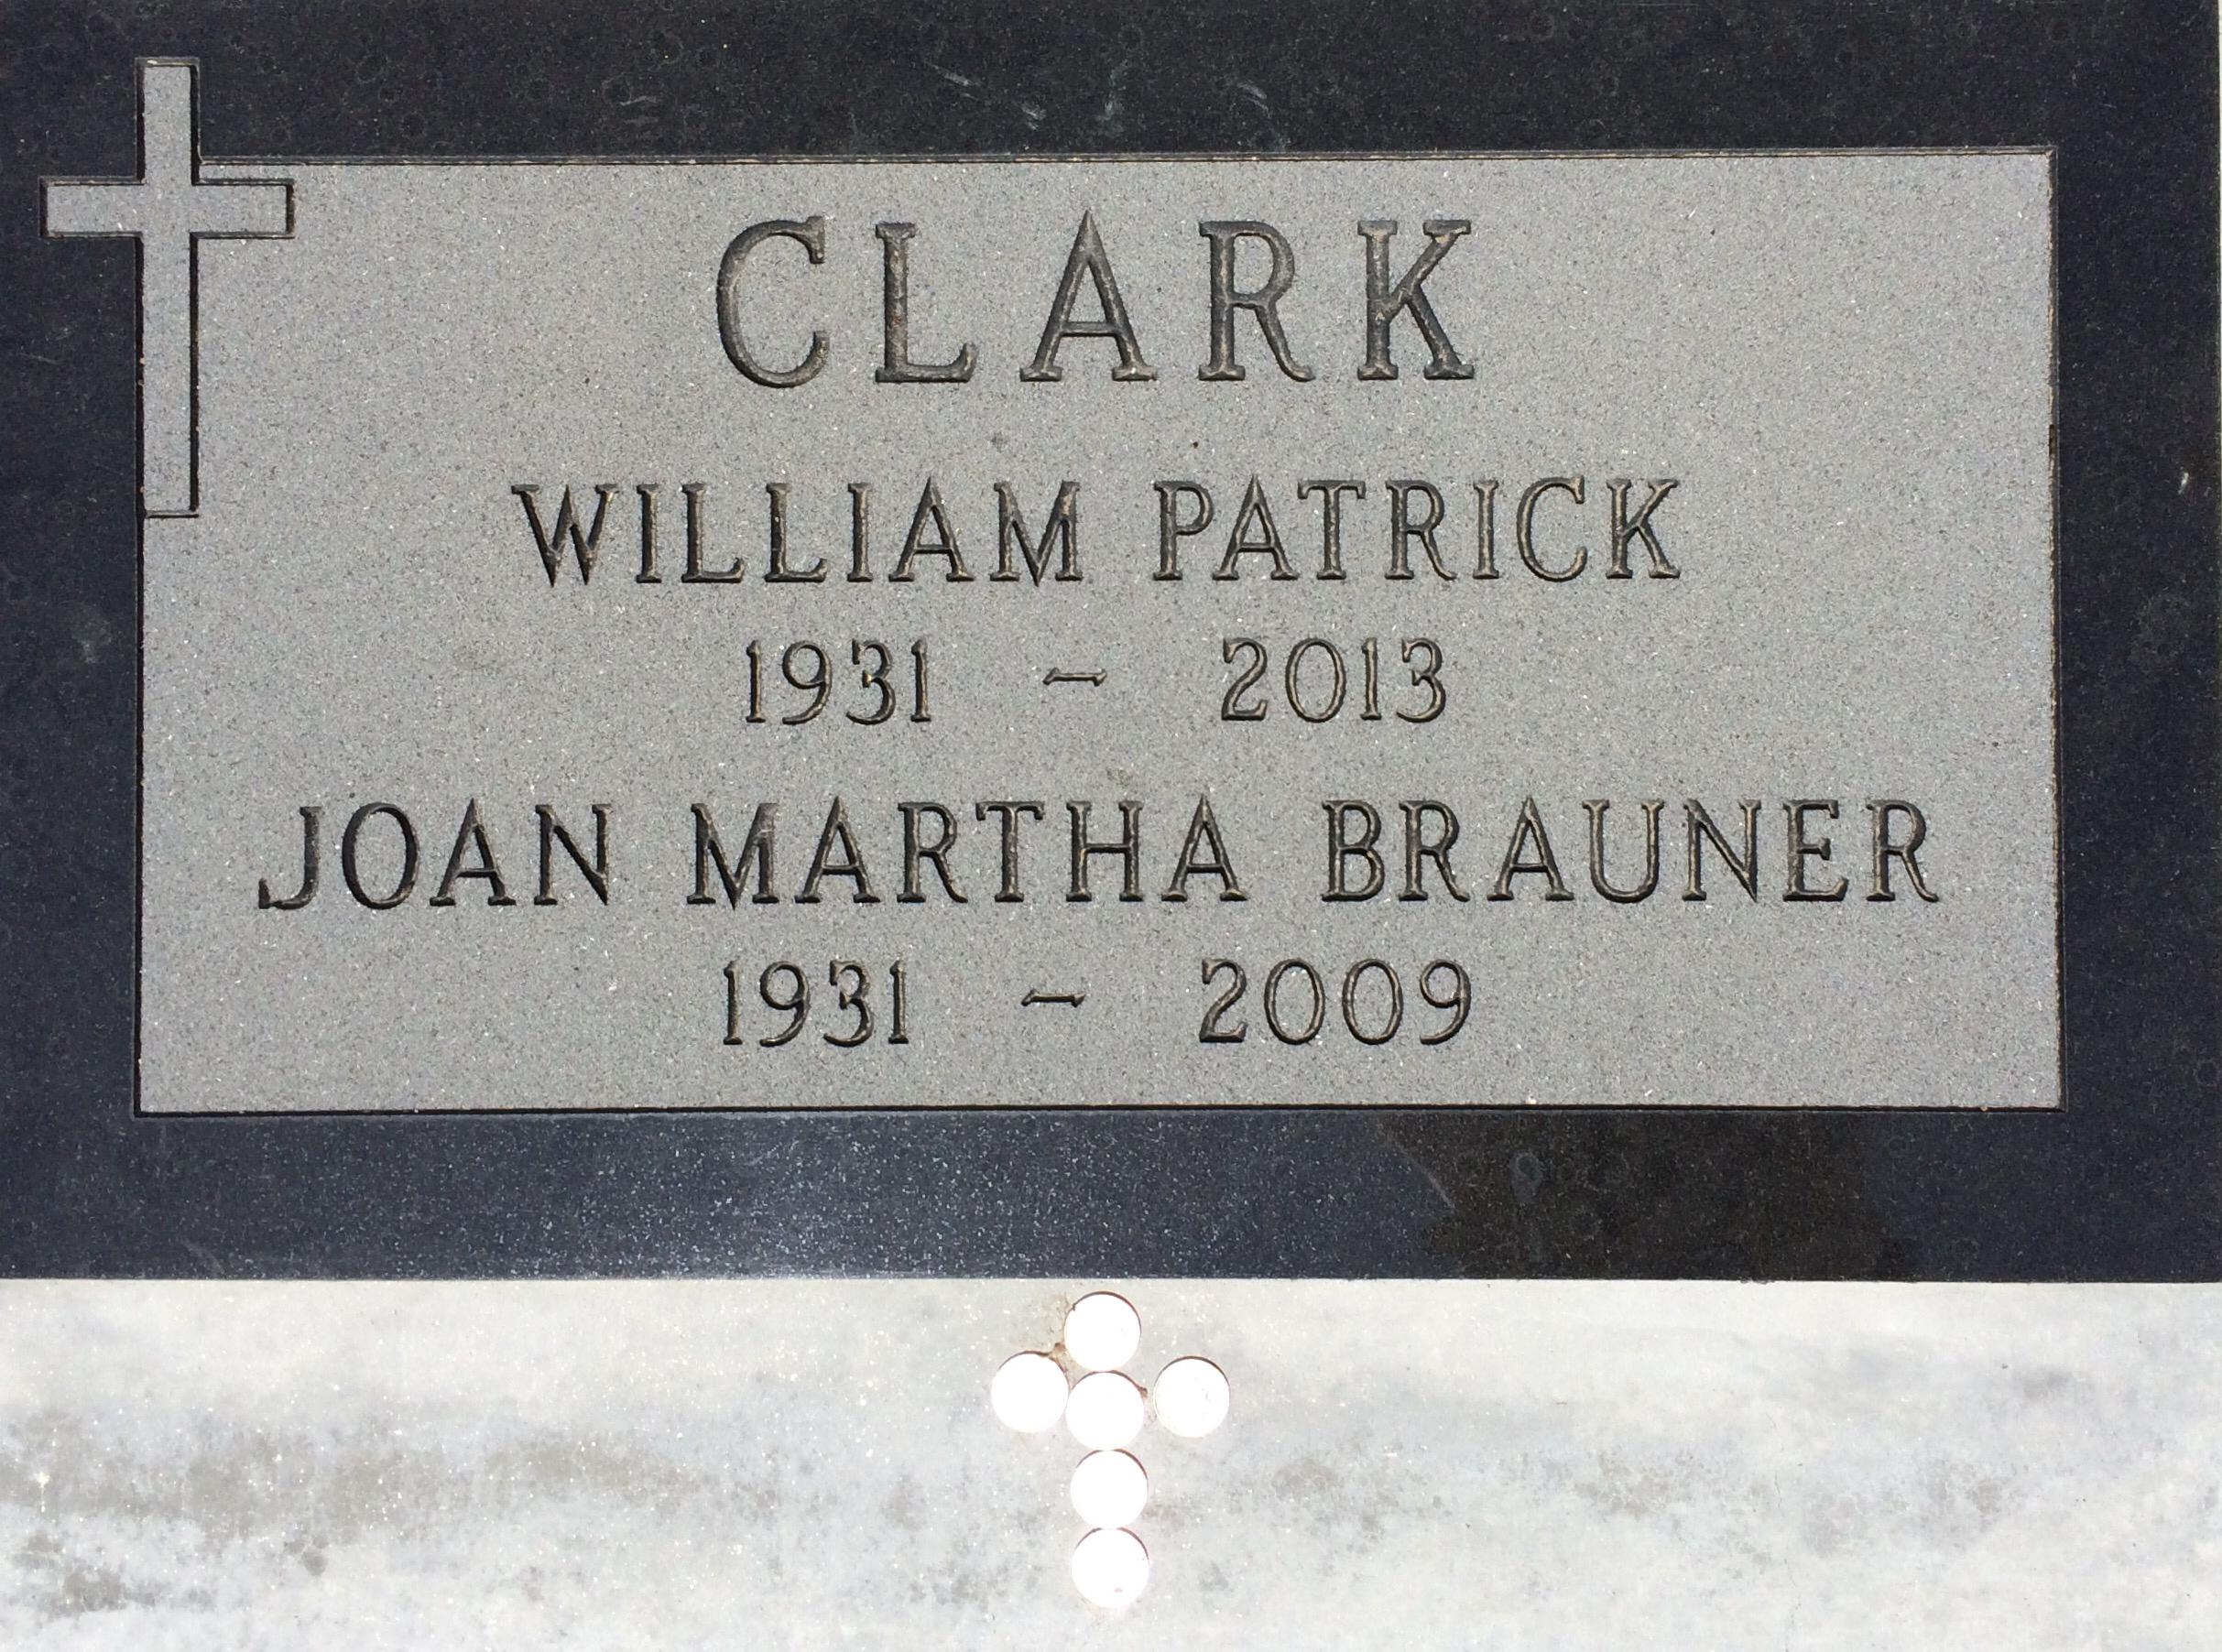 William Patrick Clark, Jr